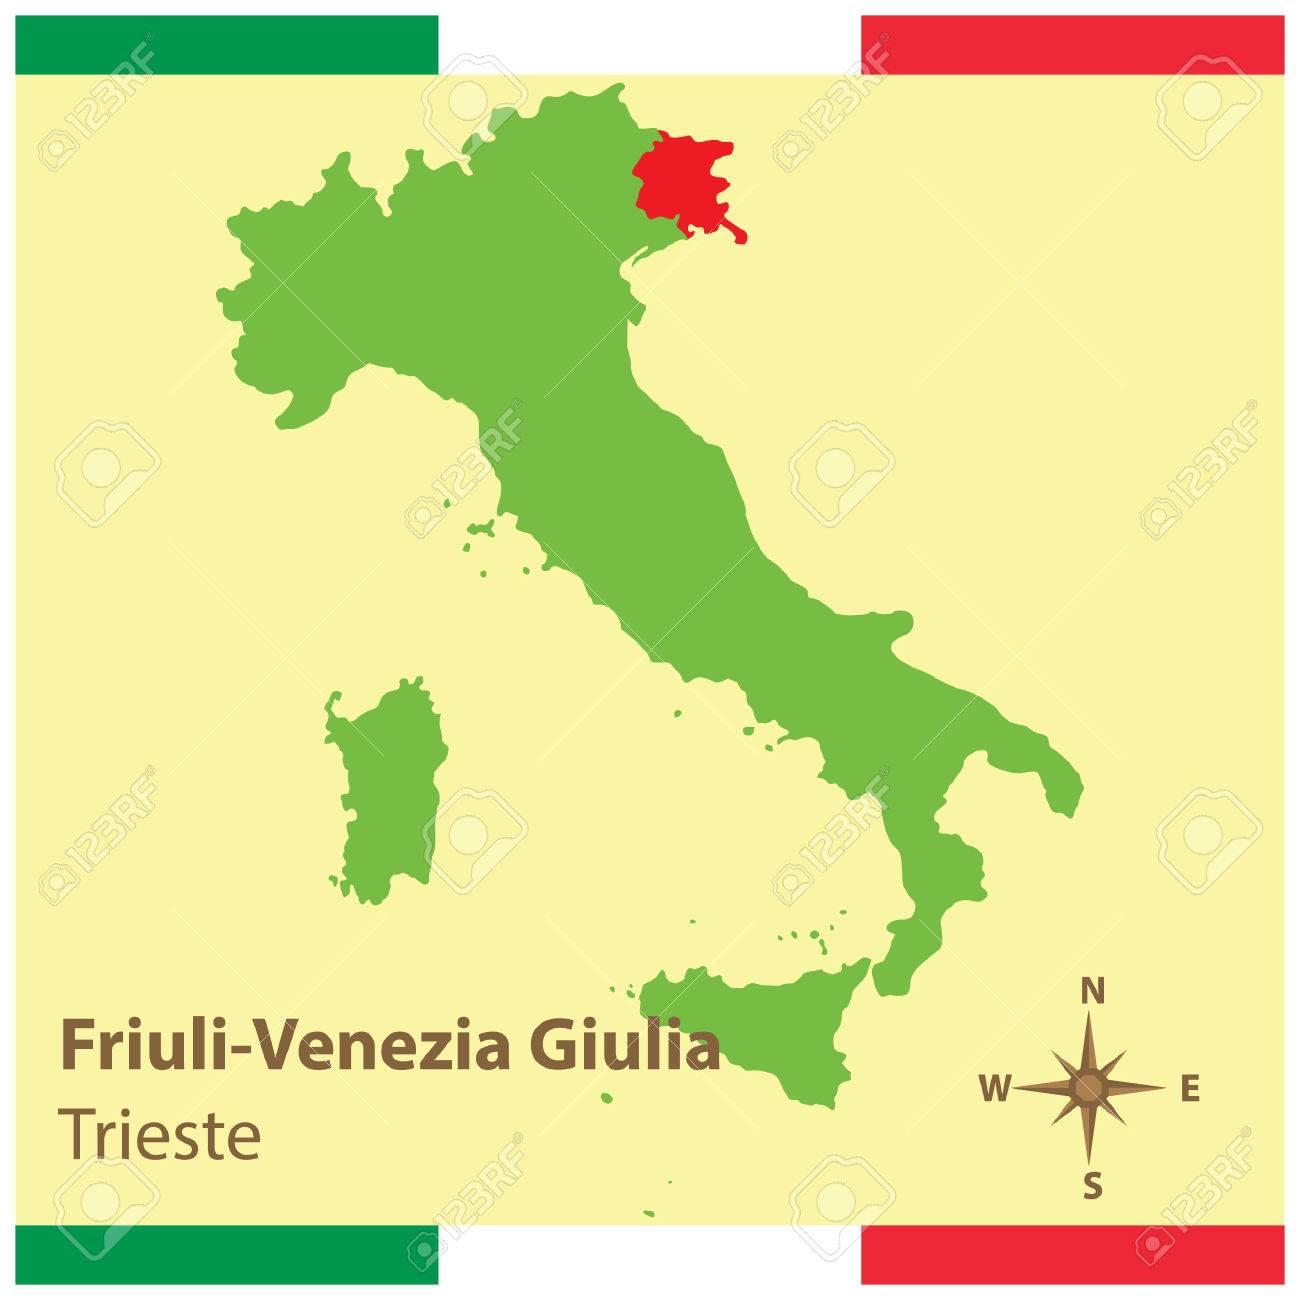 Friuli Venezia Giulia On Italy Map Royalty Free Cliparts Vectors